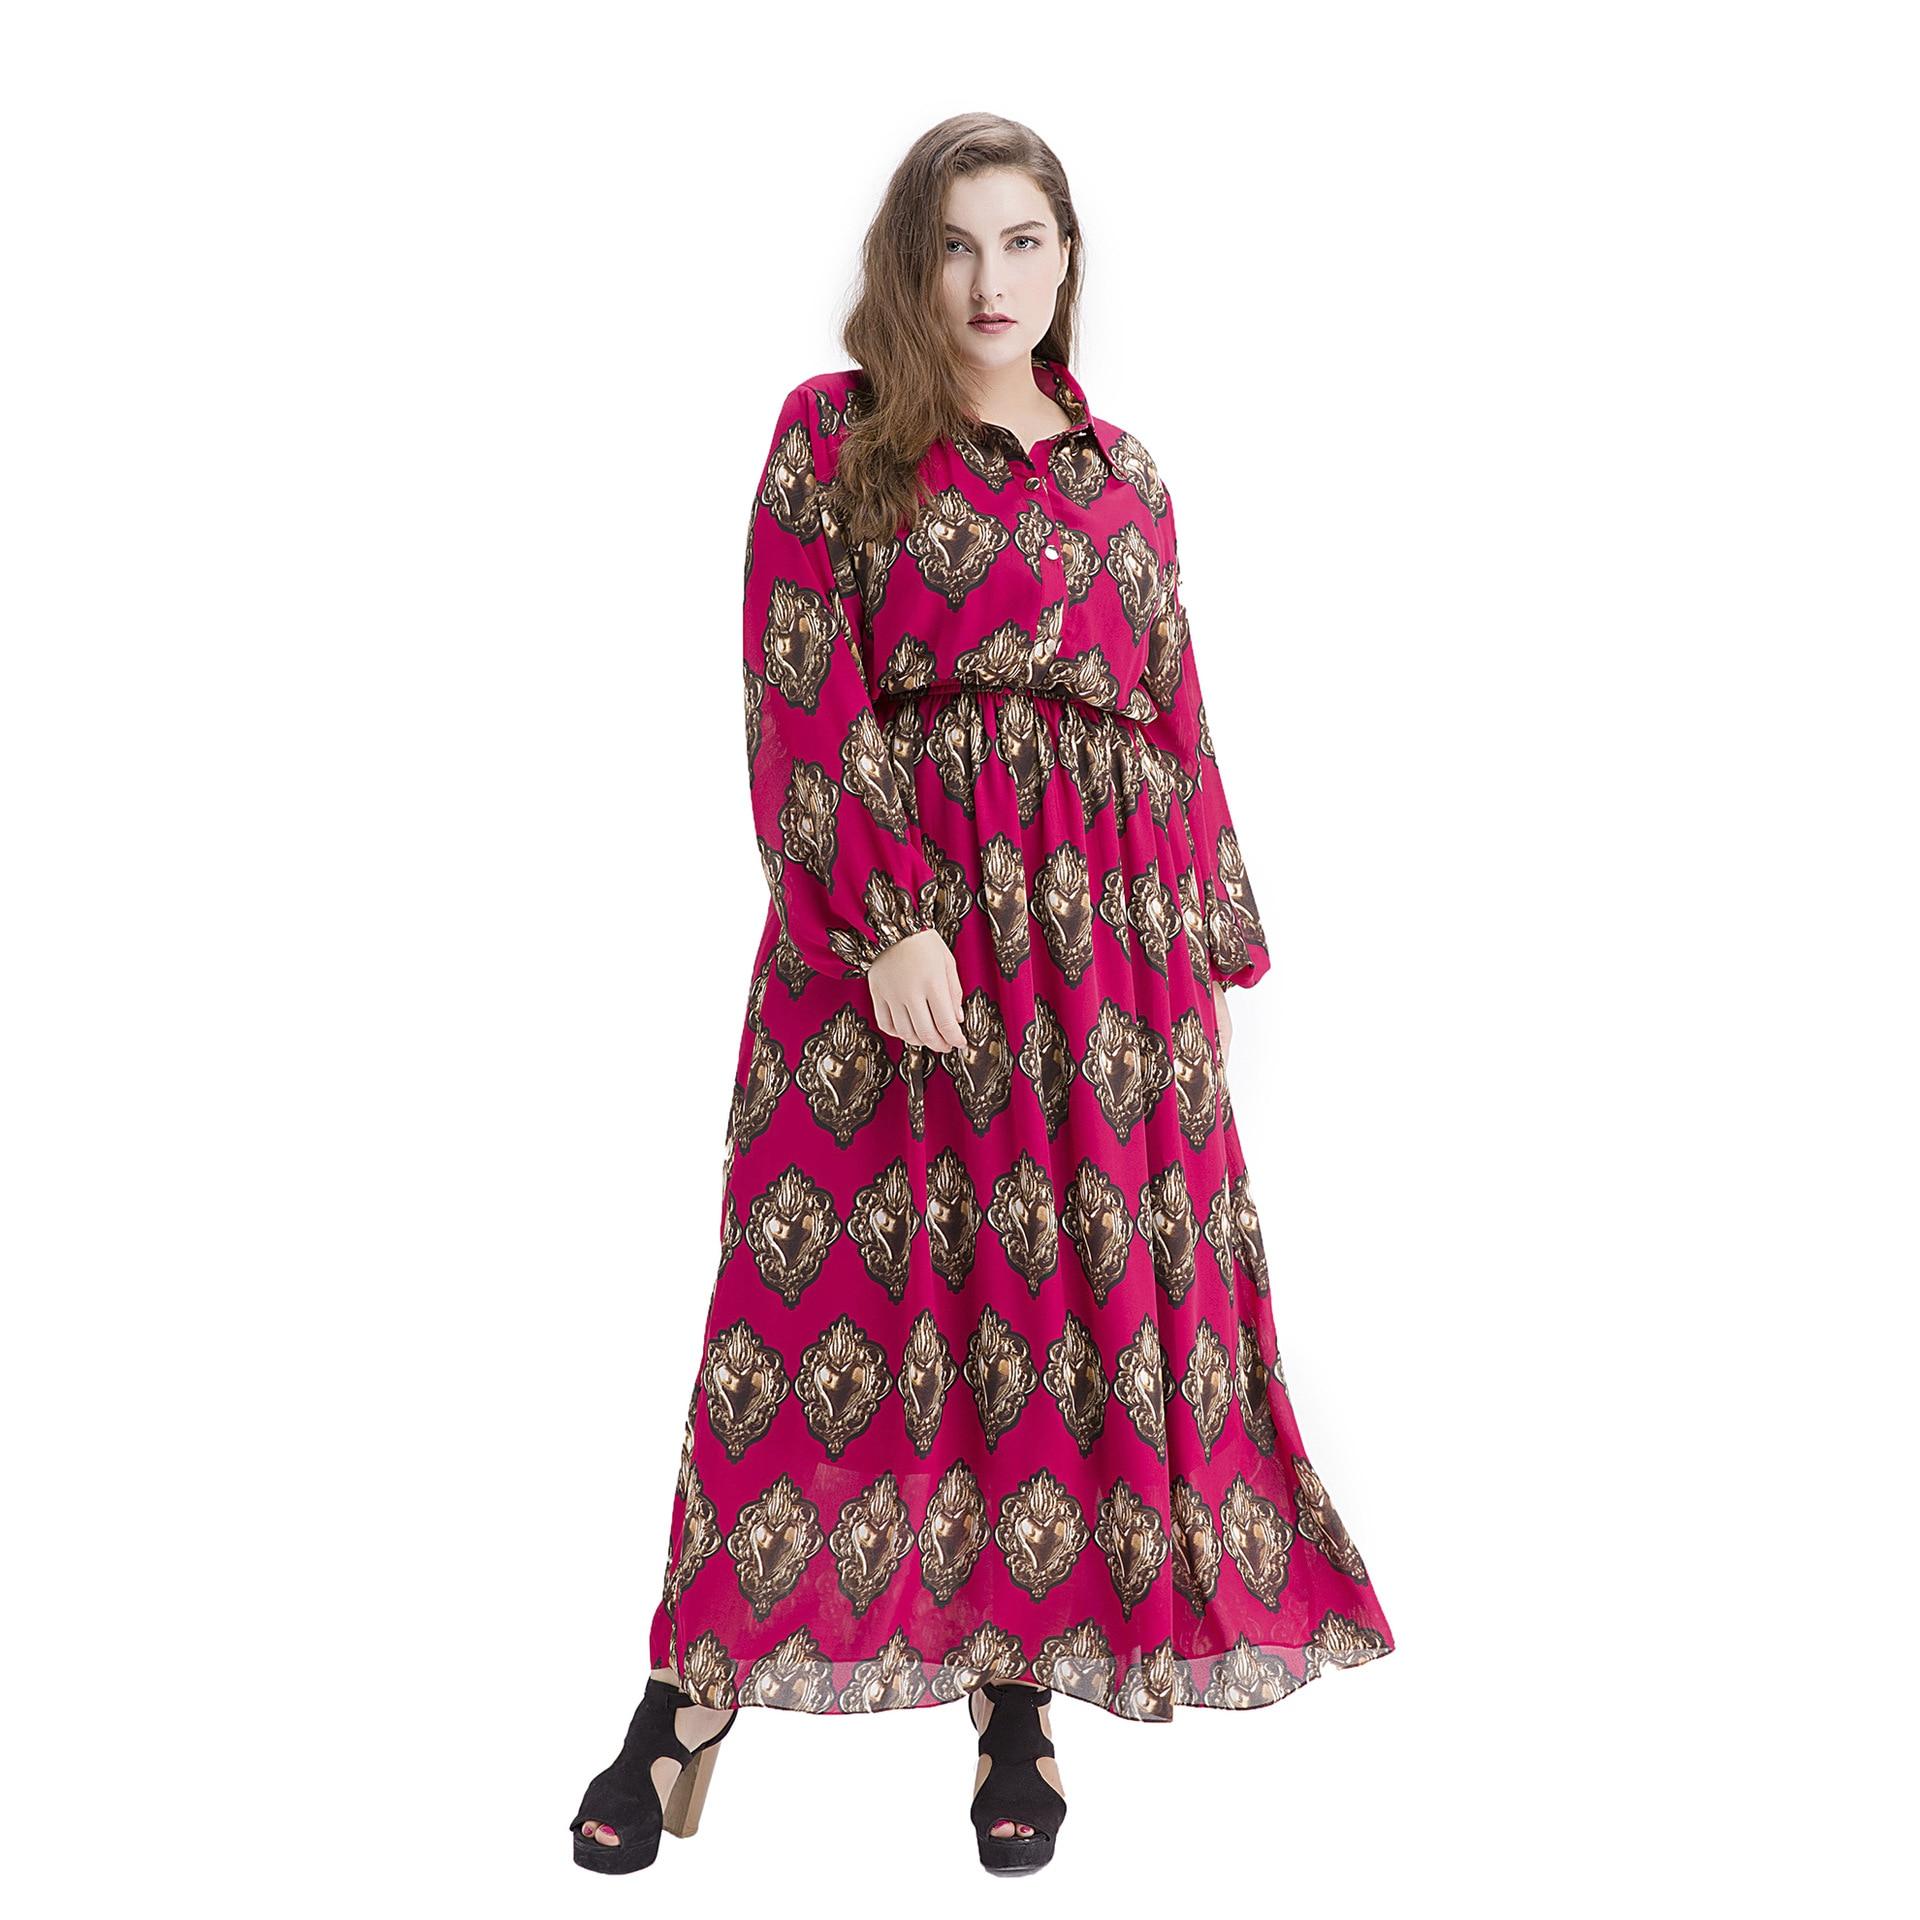 Luxe Vintage imprimé fleurs en mousseline de soie Maxi abaya grande taille femmes vêtements à manches longues robe de plage taille Slim robe 9063